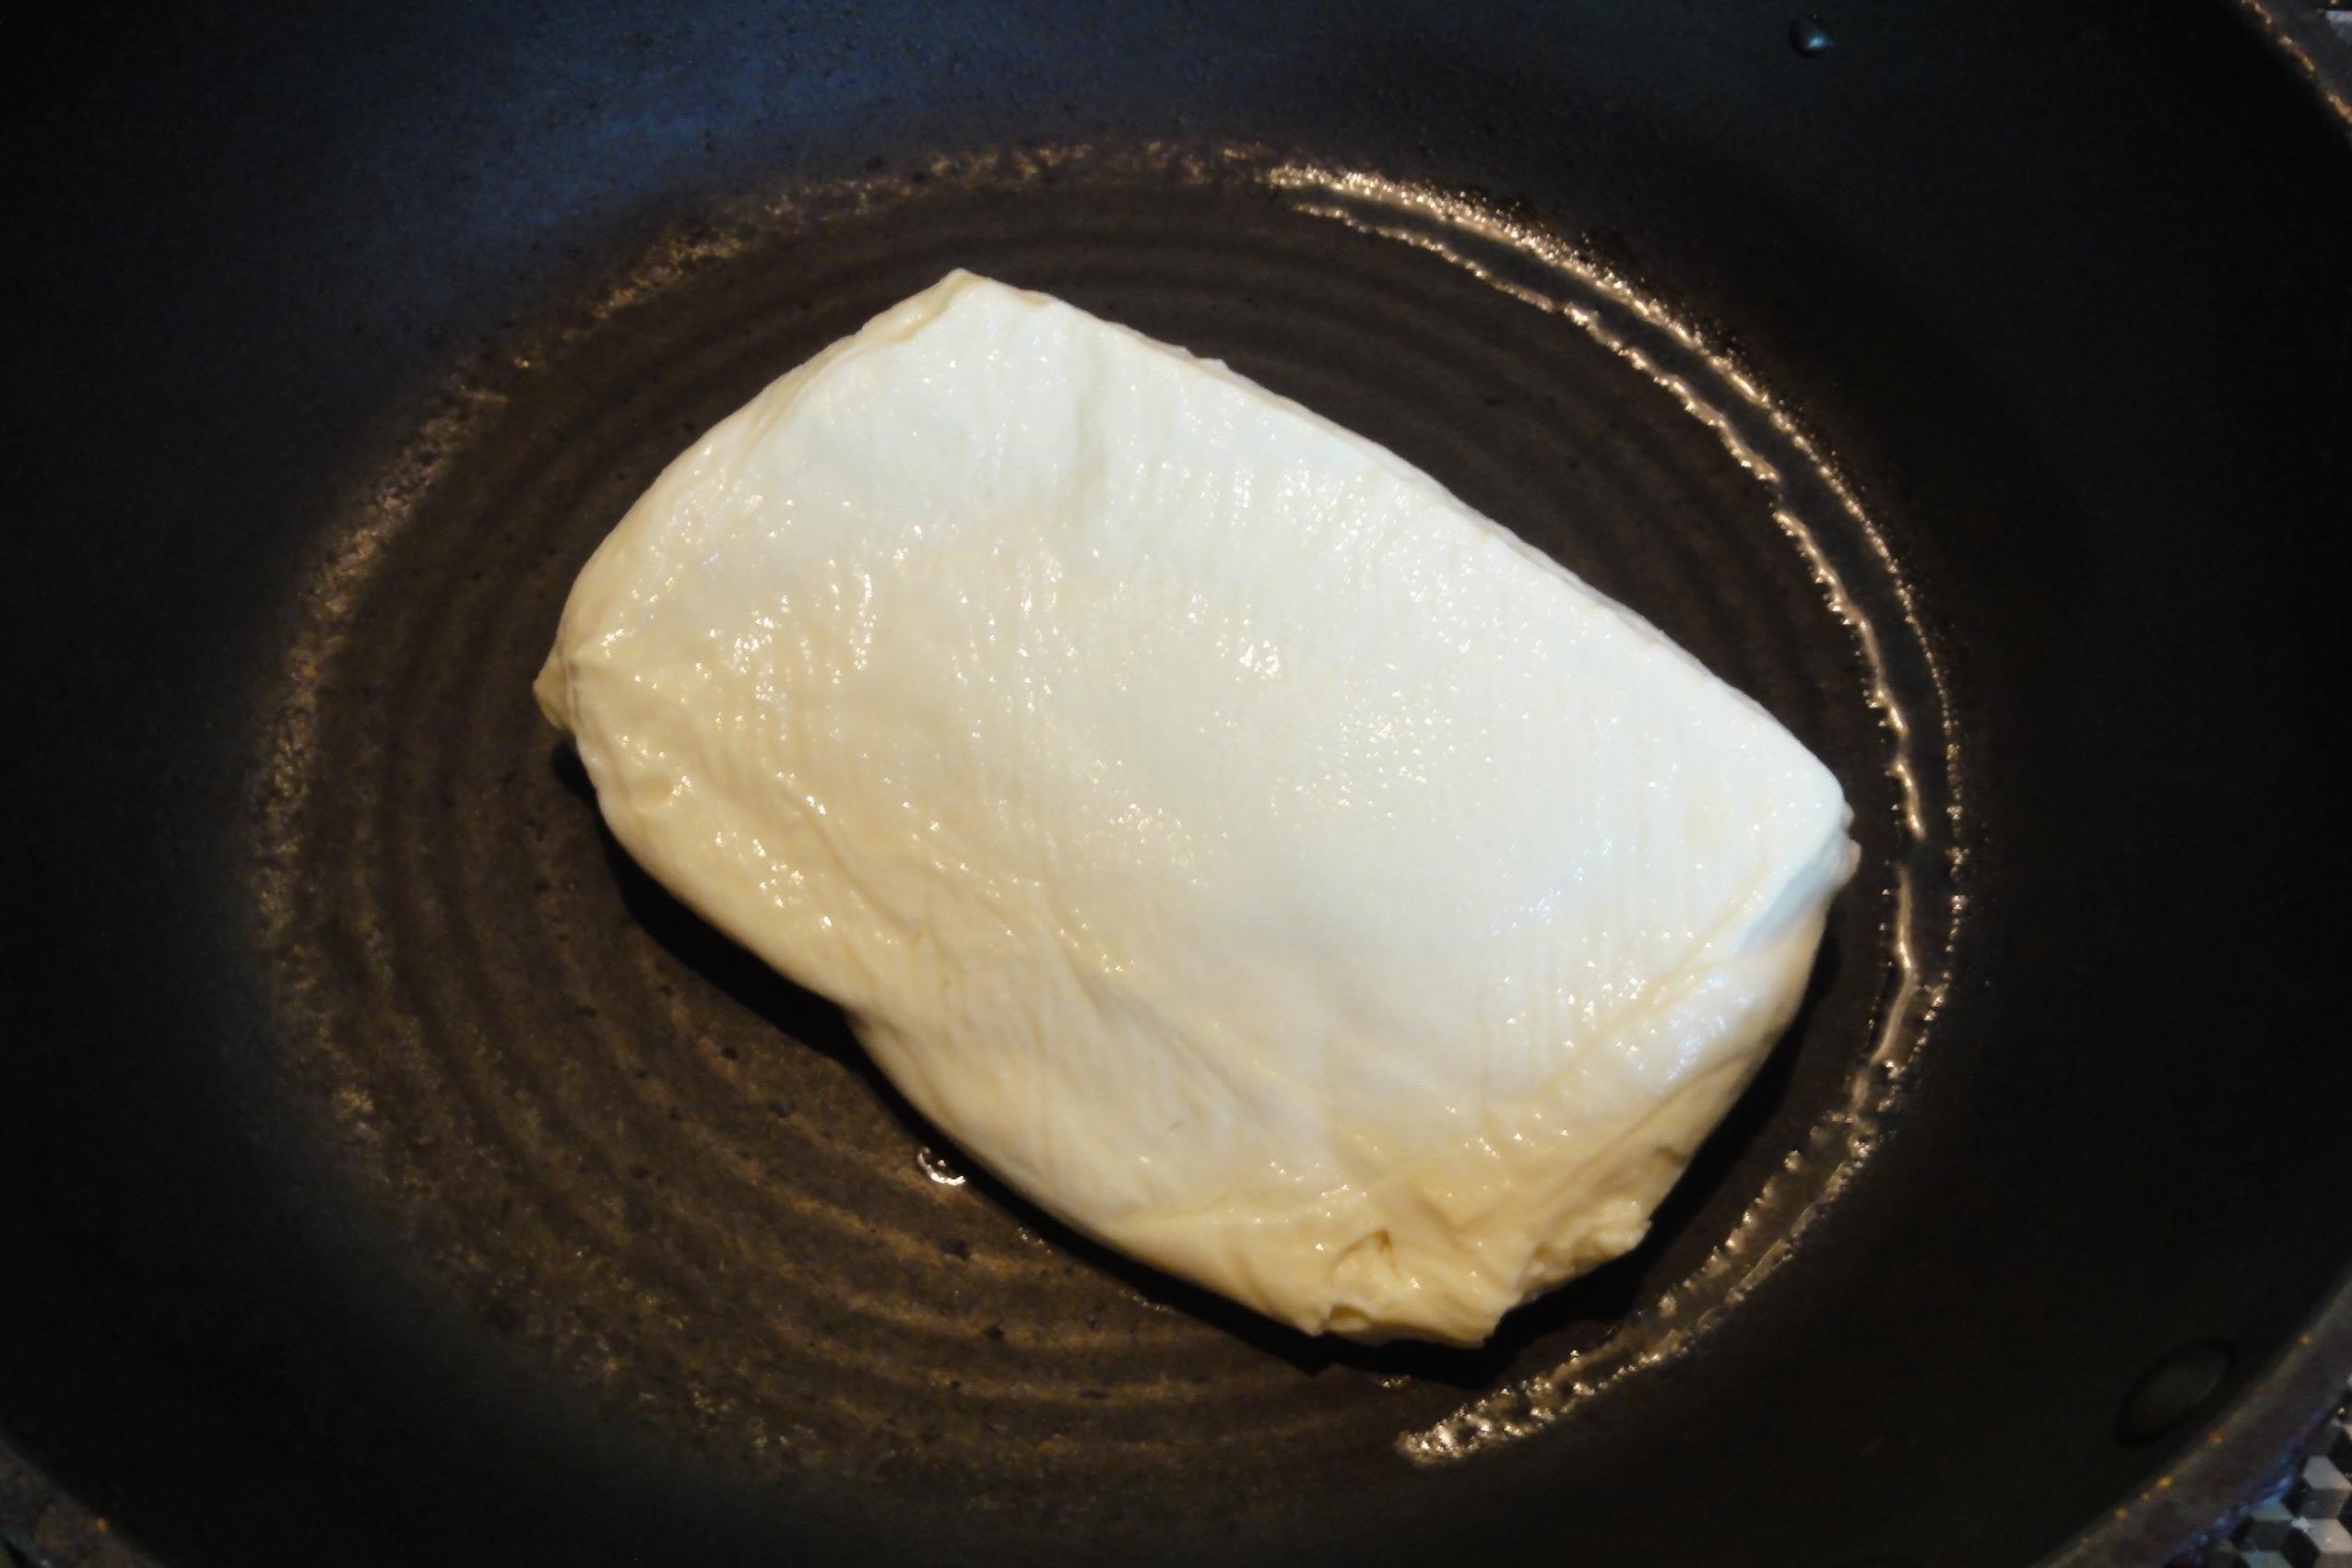 水切りした木綿豆腐